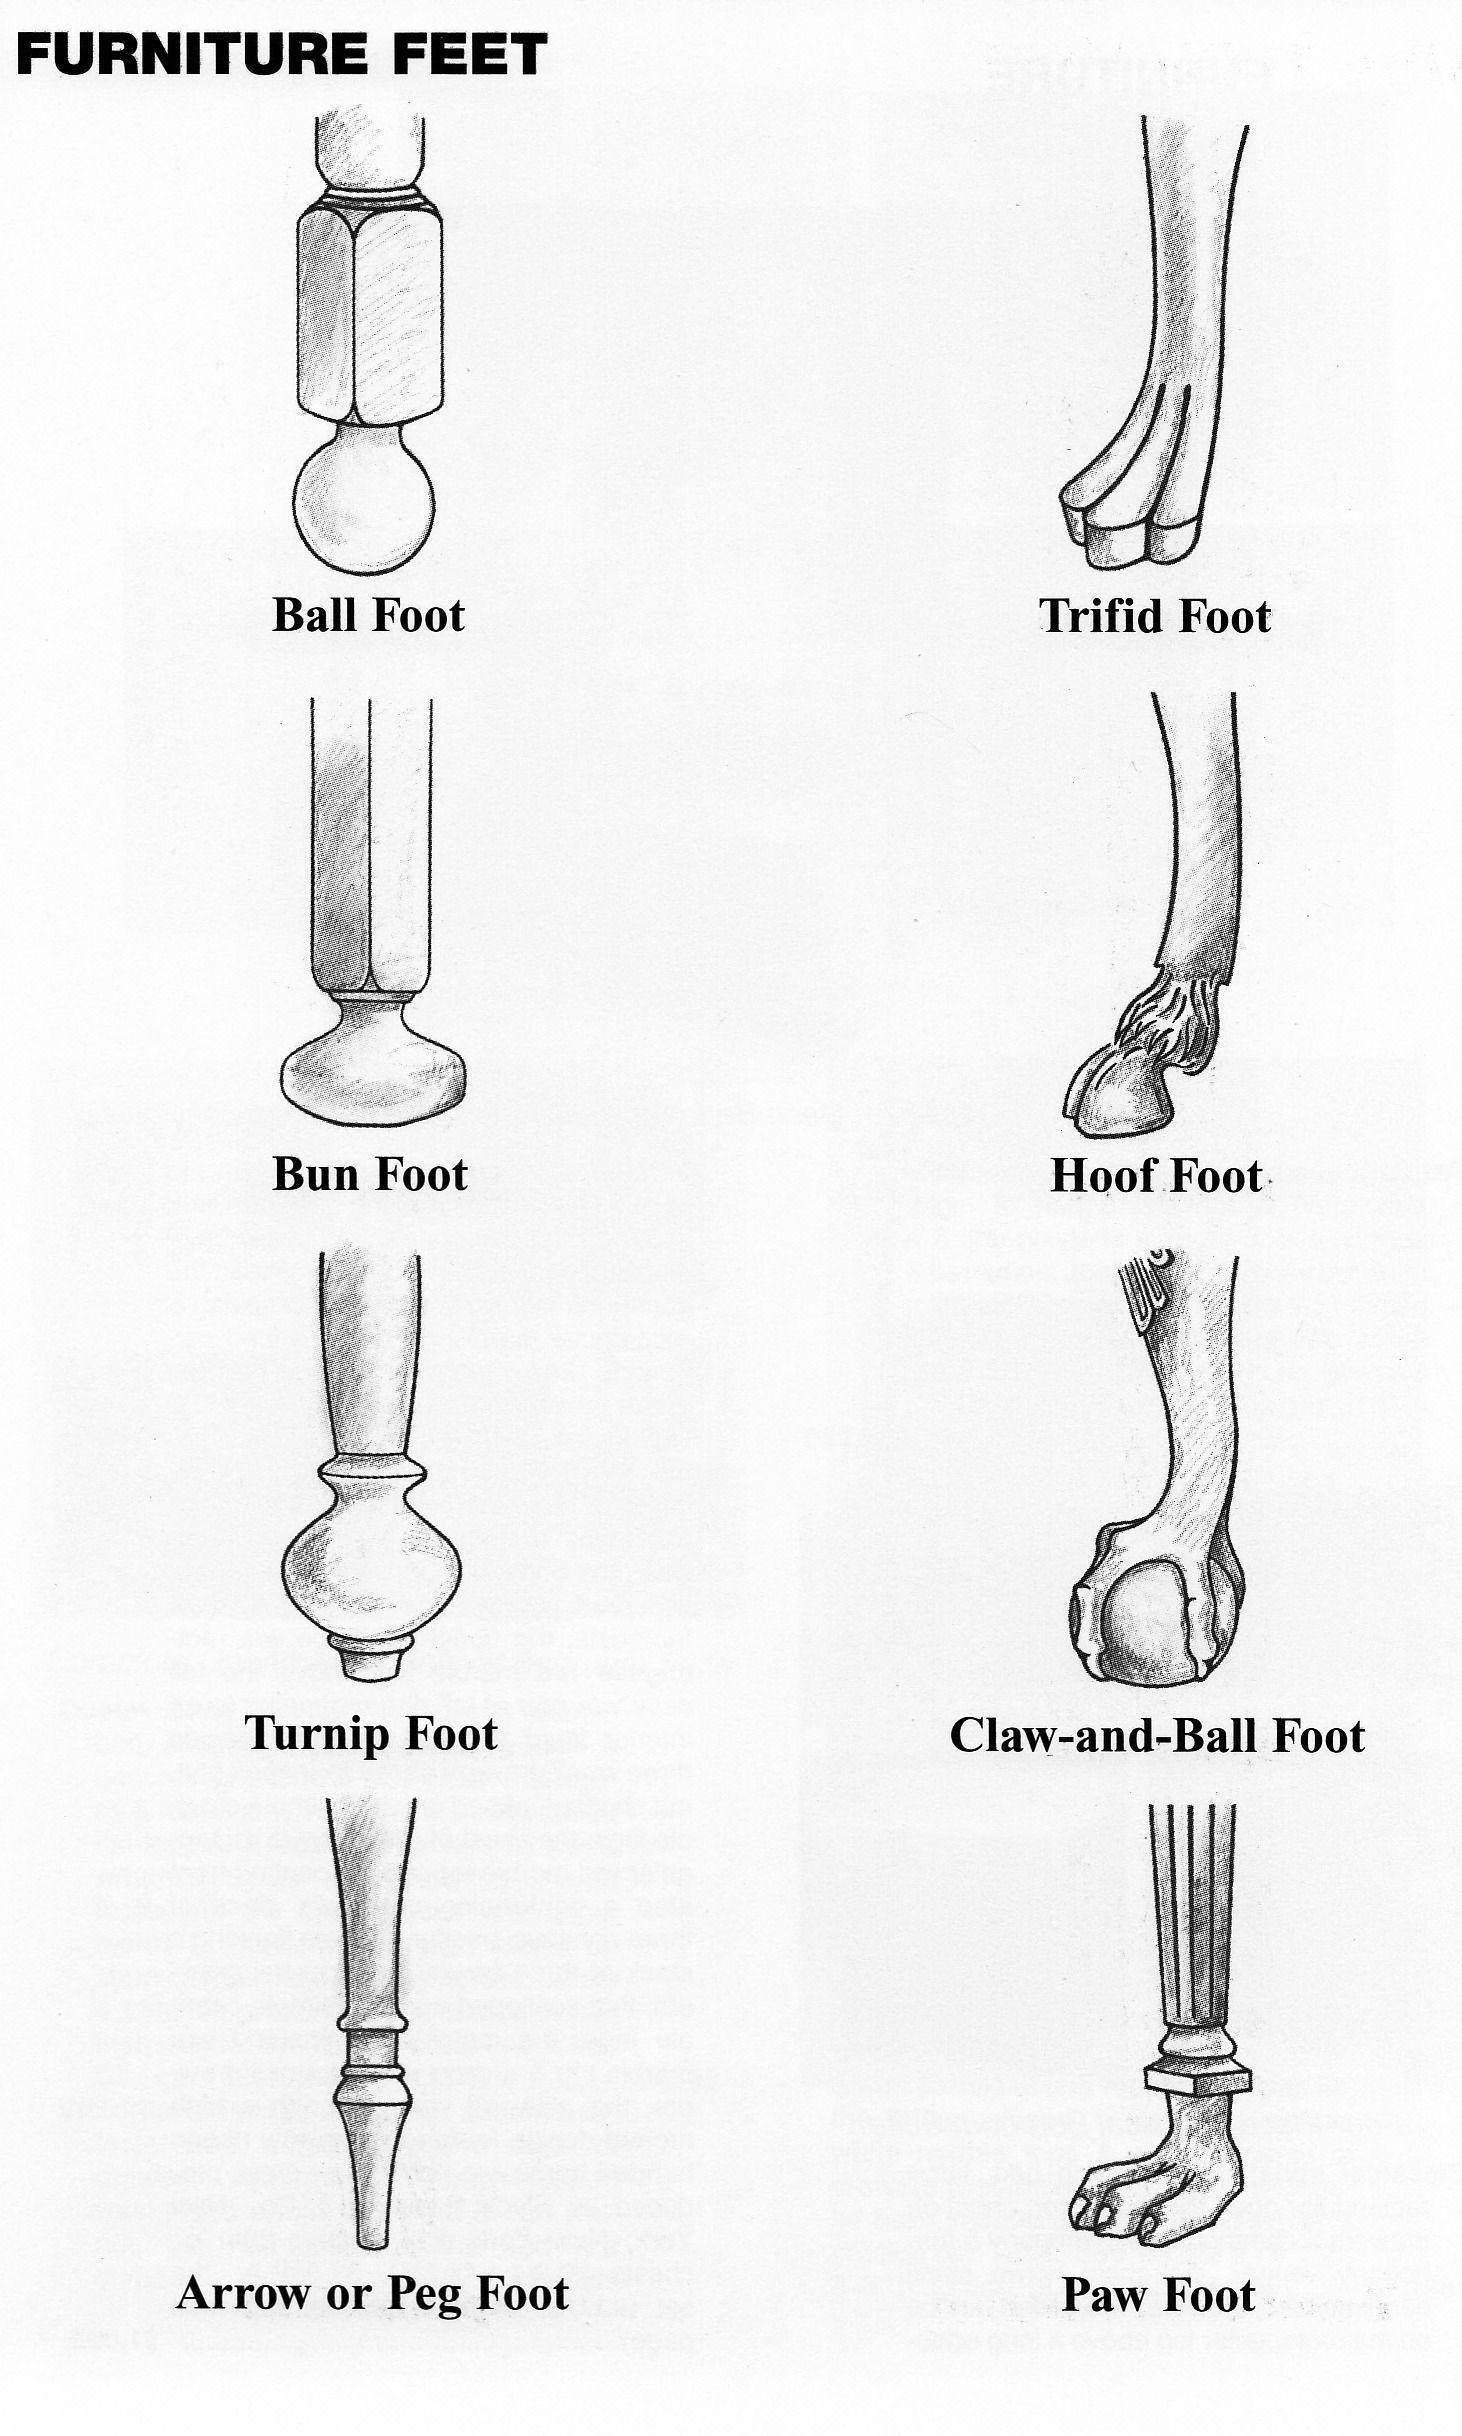 Diagrams of furniture feet. - Diagrams Of Furniture Feet. Diagrams Of Antique Furniture